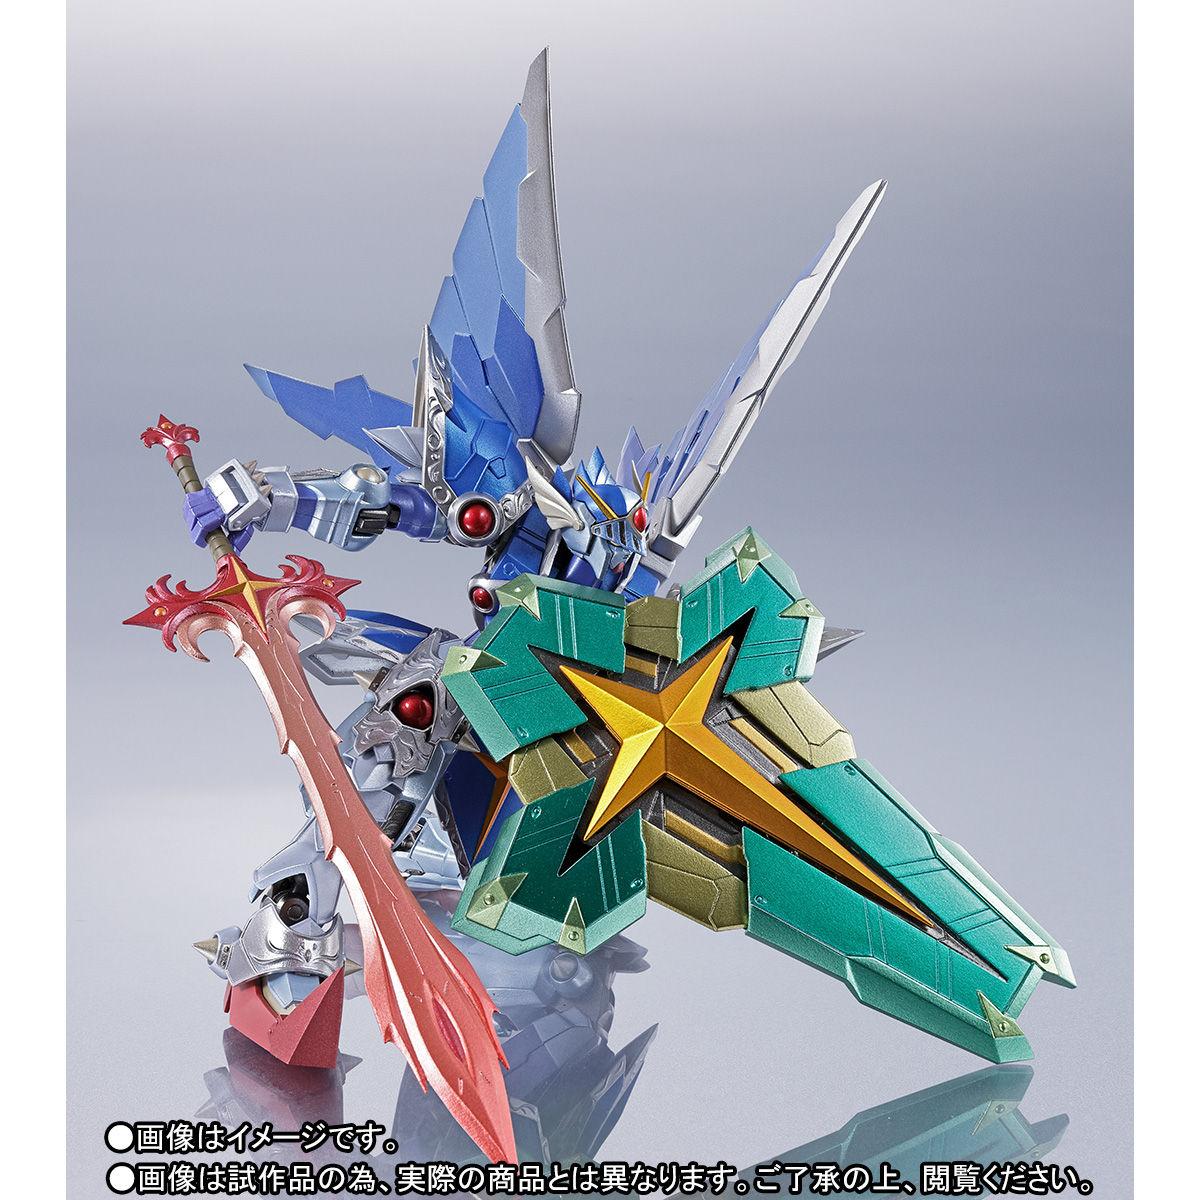 METAL ROBOT魂 〈SIDE MS〉『フルアーマー騎士ガンダム(リアルタイプver.)|SDガンダム外伝』可動フィギュア-009